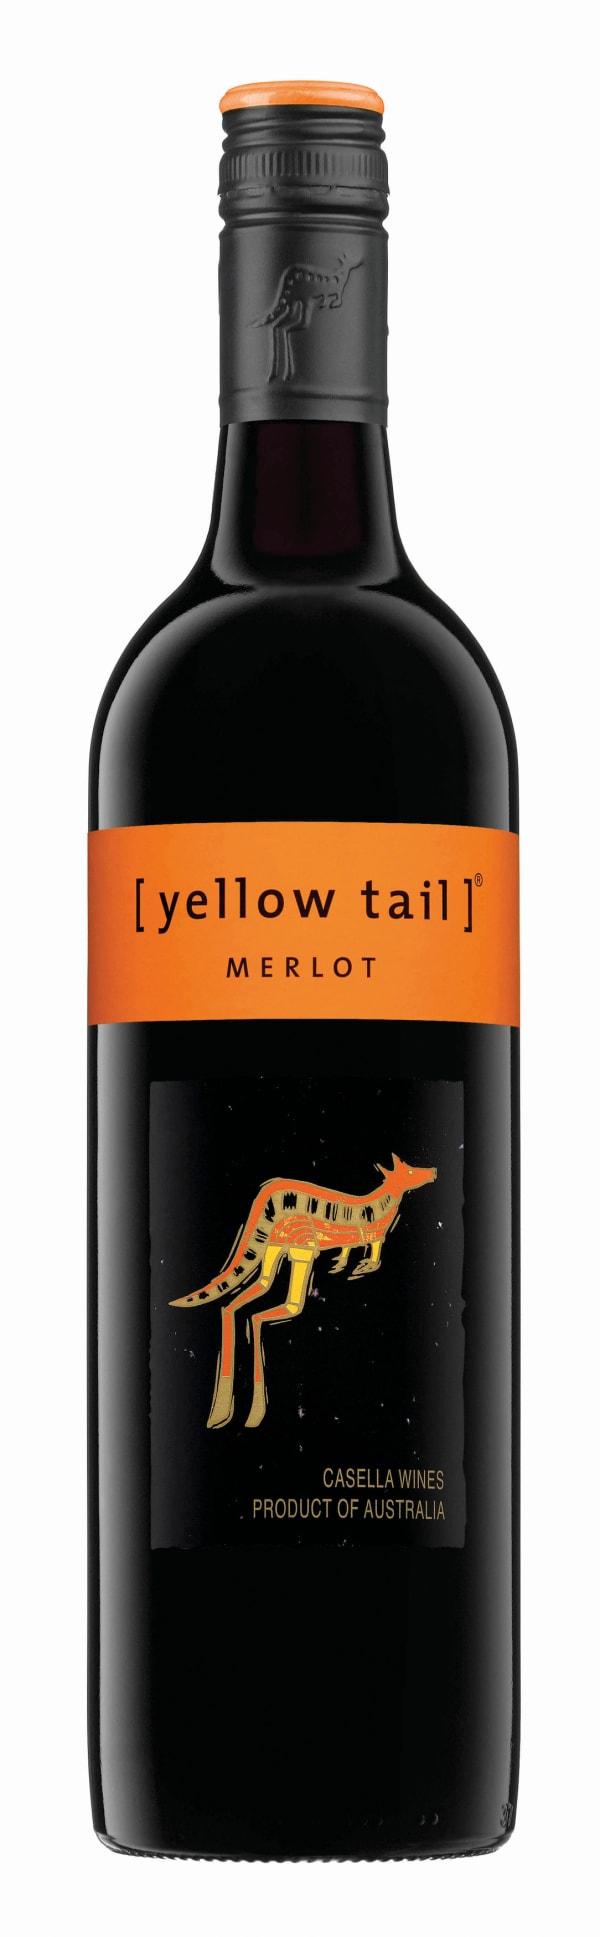 Yellow Tail Merlot 2018